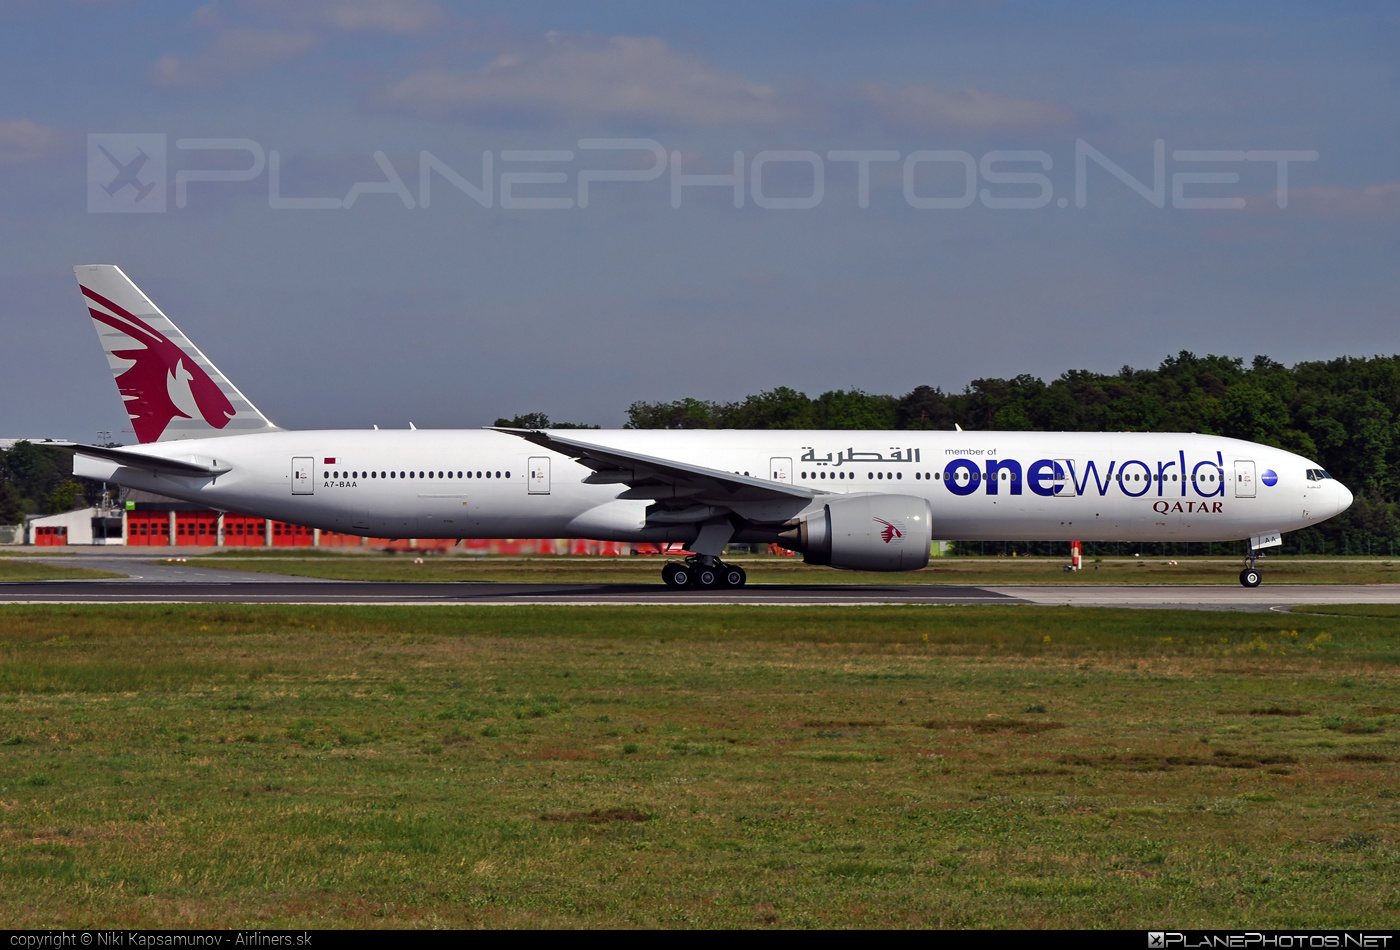 Boeing 777-300ER - A7-BAA operated by Qatar Airways #b777 #b777er #boeing #boeing777 #oneworld #qatarairways #tripleseven